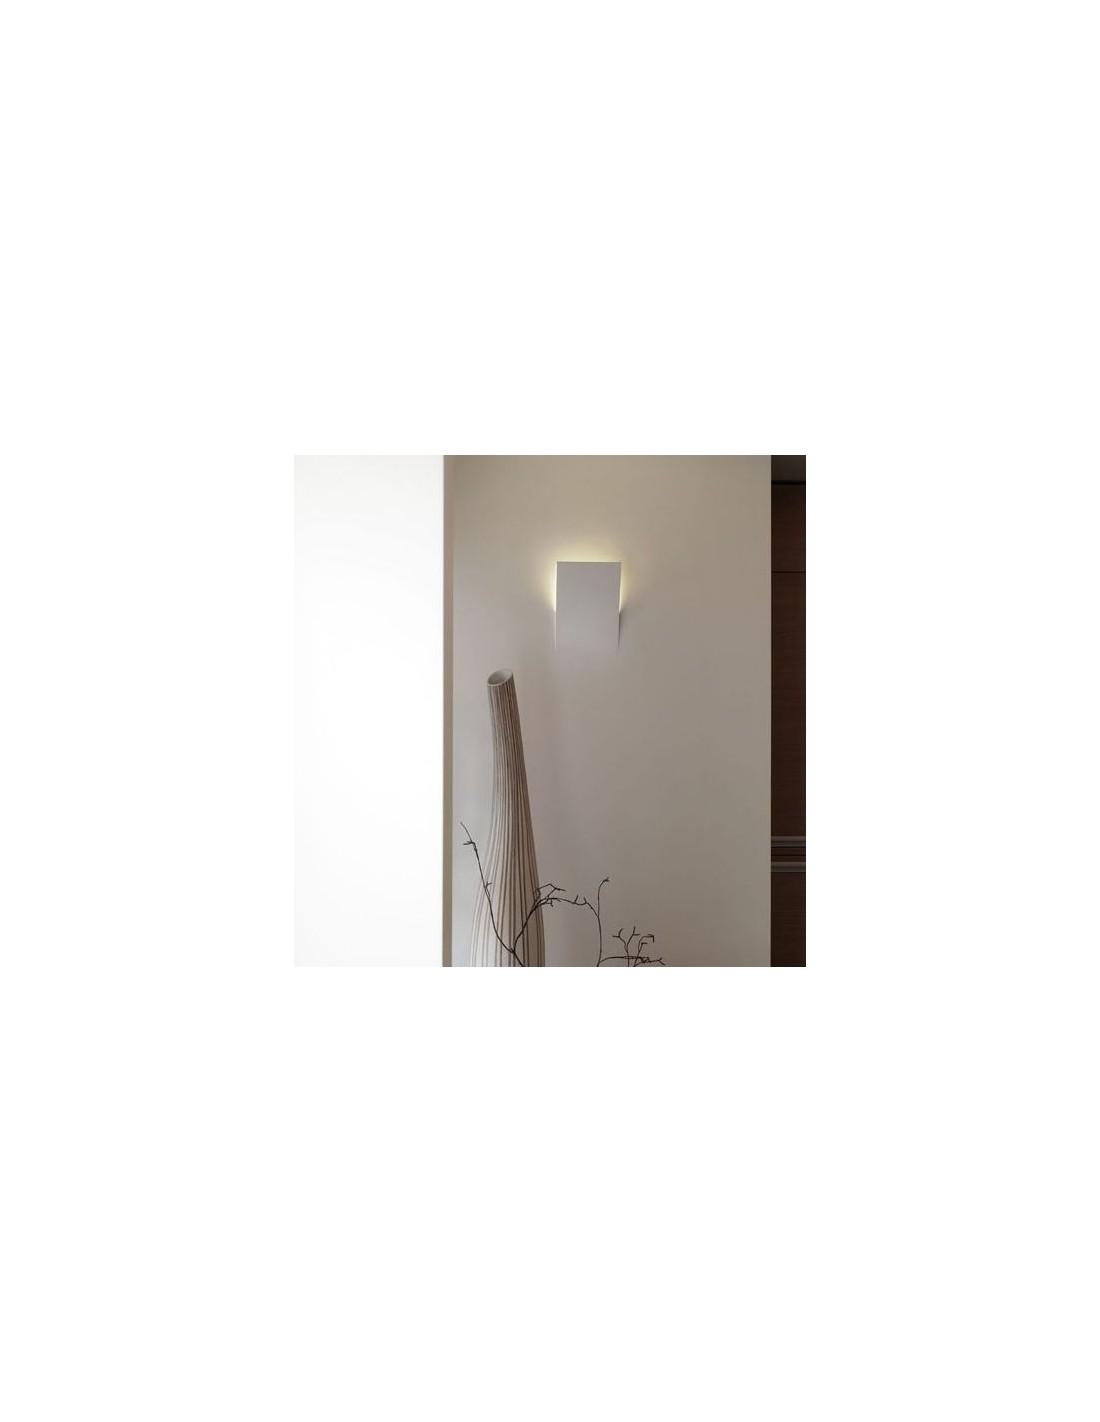 Mise en scène Encastré Mur / Plafond La DOdo LED  Viabizzuno - Valente Design